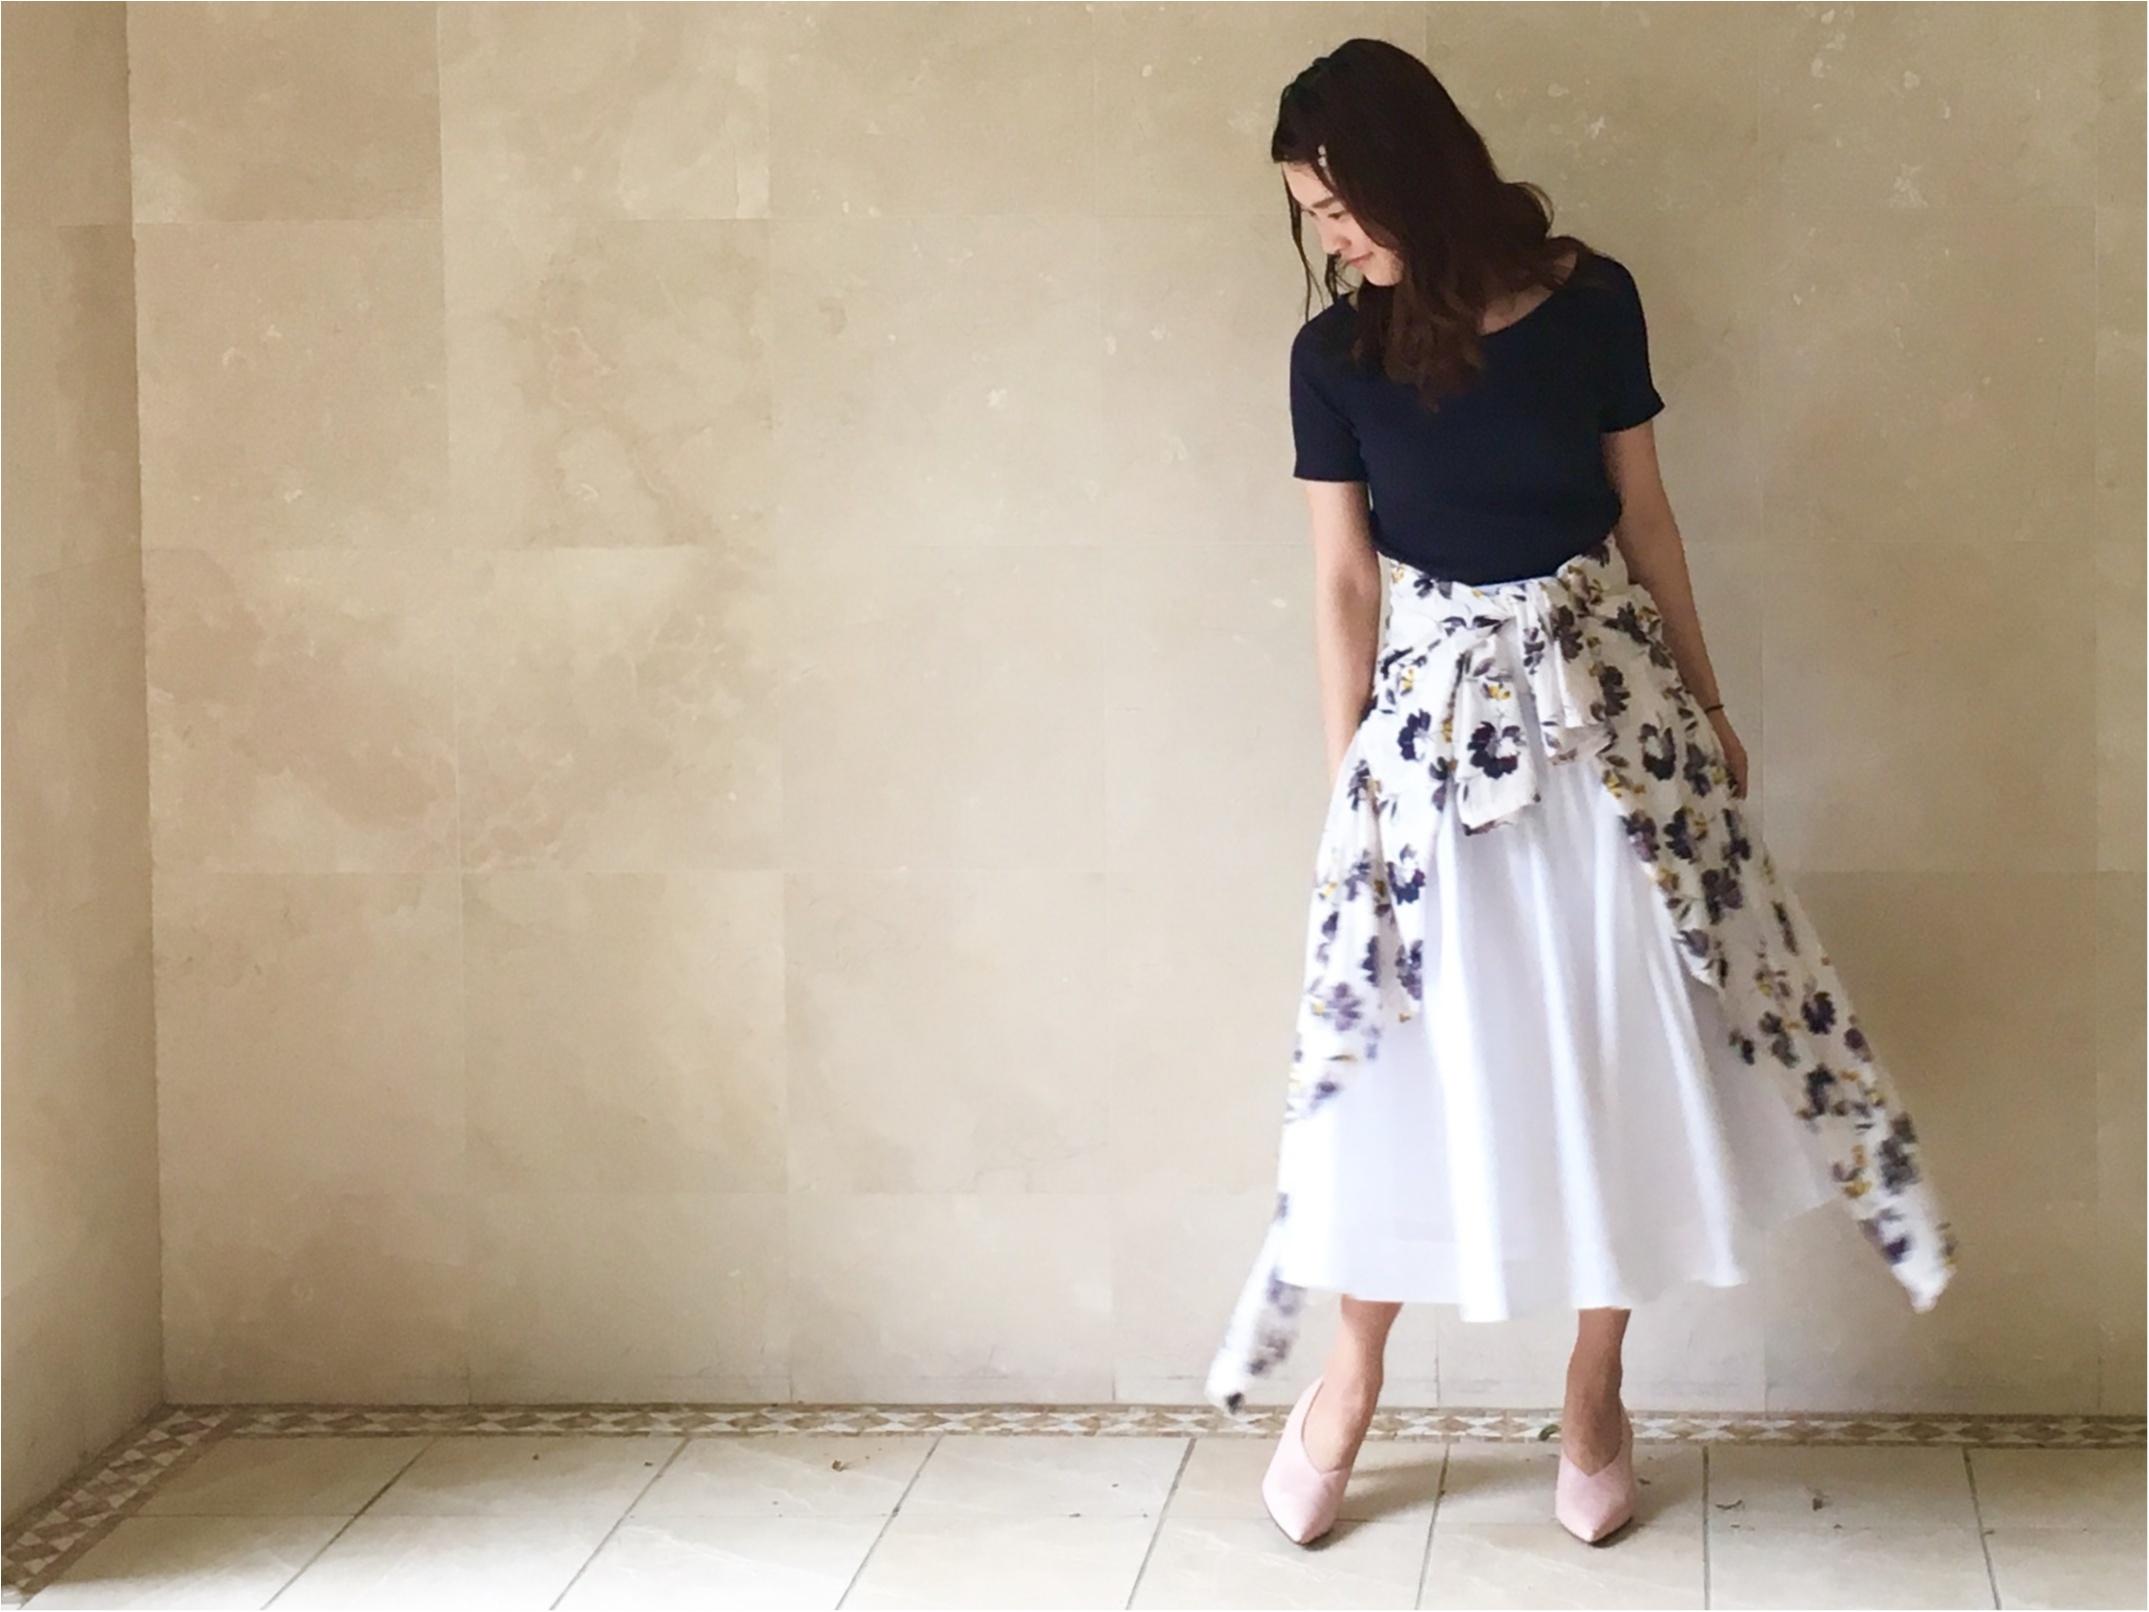 【UNIQLO】シワになりにくいからお手入れ楽チン❤️《美シルエットの優秀スカート》3選!_7